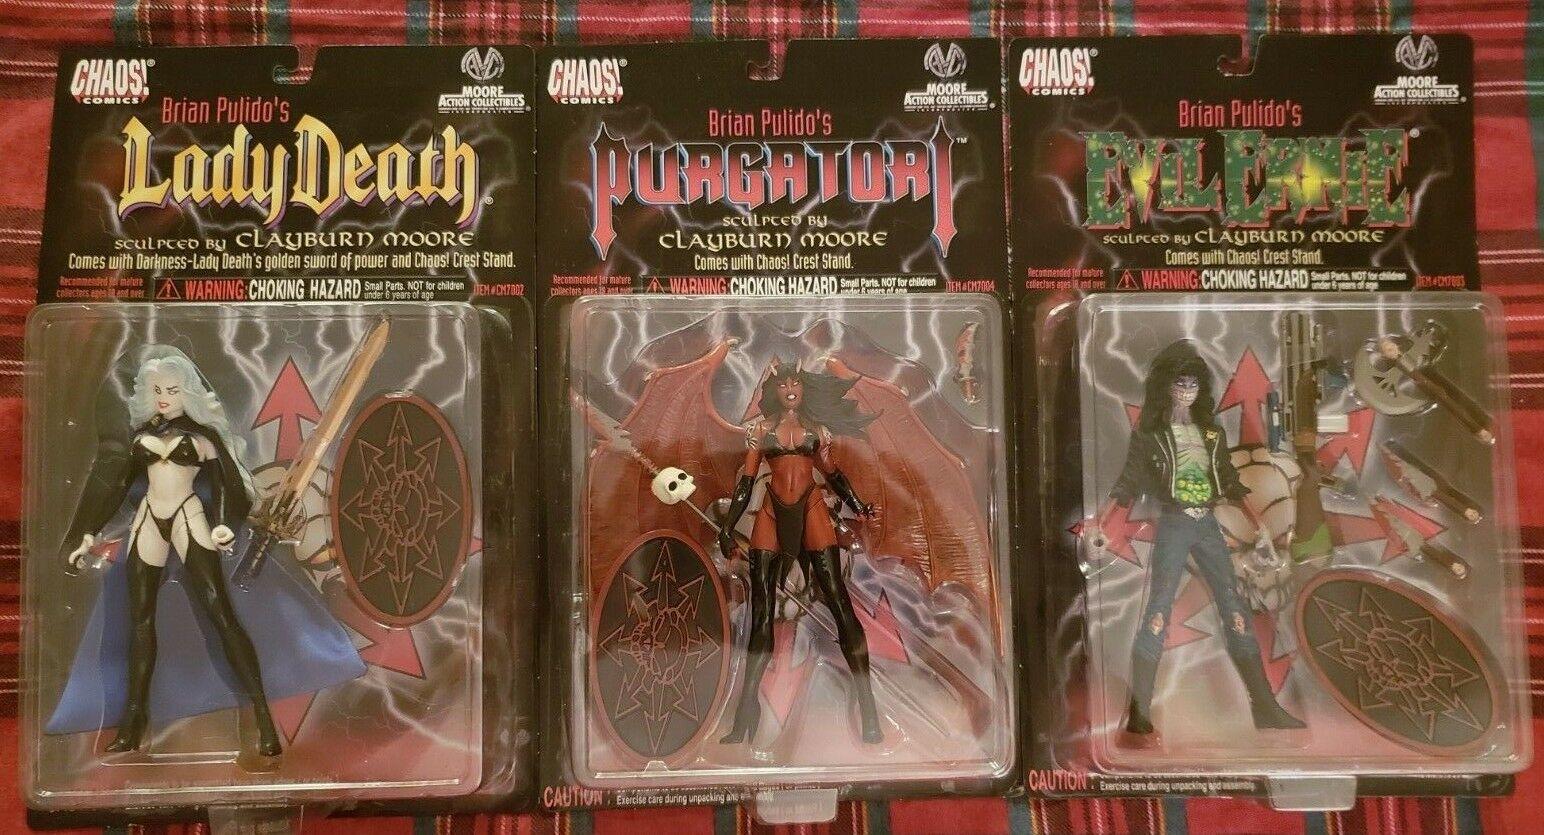 NEW MOC Chaos Comics Action Figures Figures Figures Lady Death, Purgatori, Evil Ernie Lot of 3 81595c